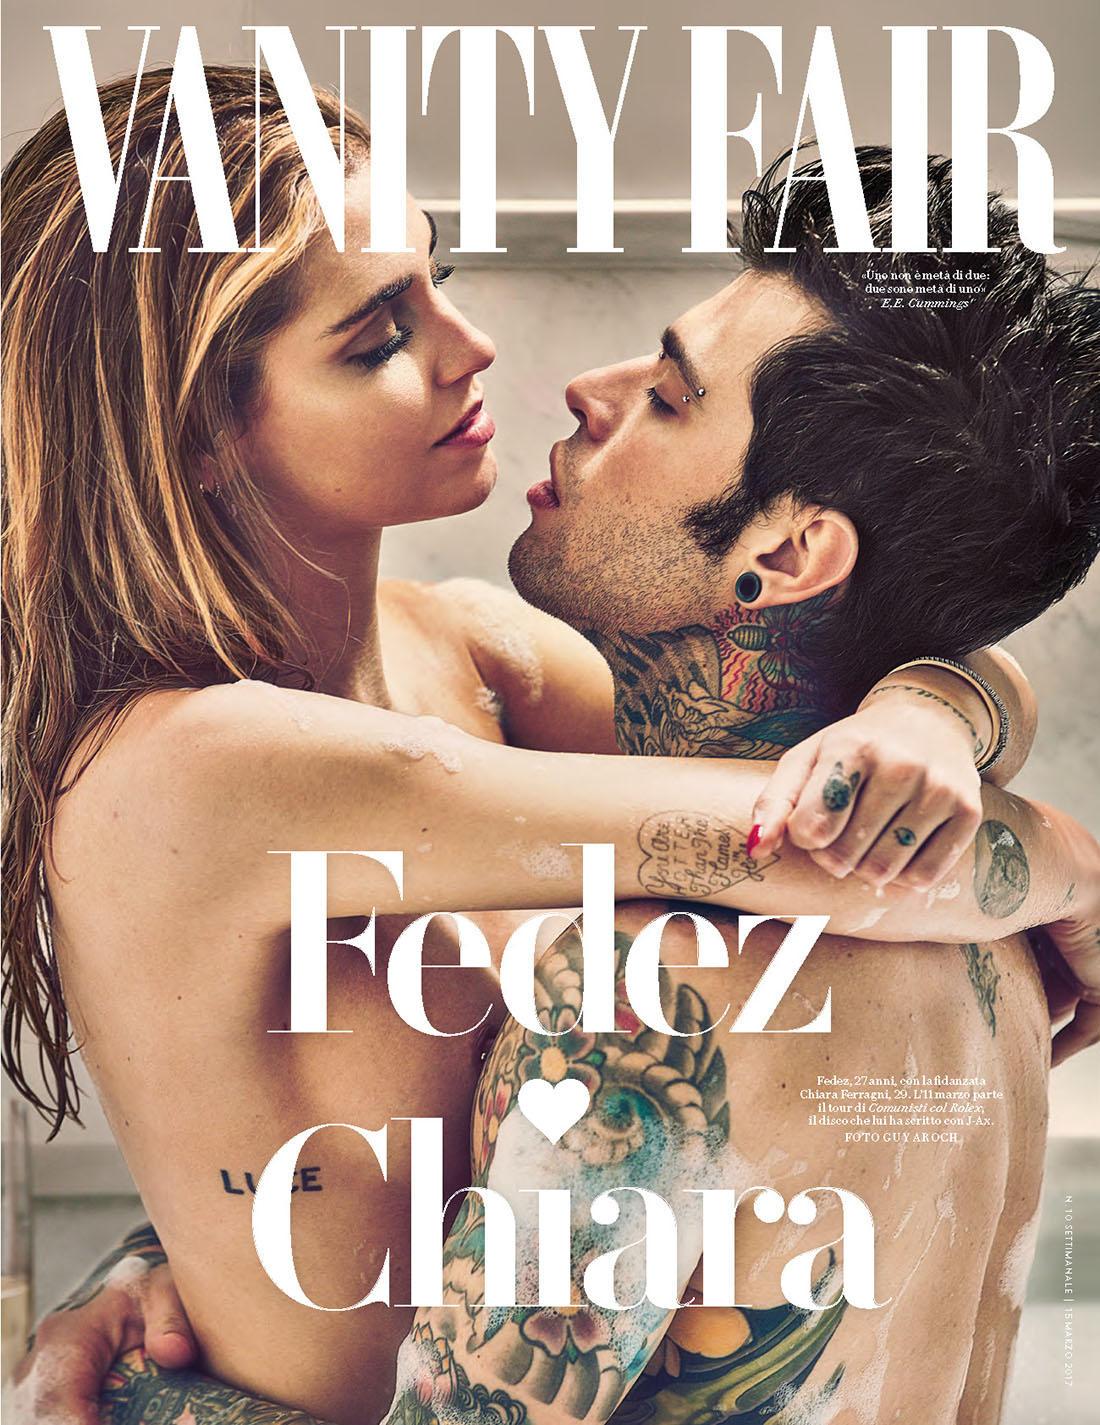 Ferragni e Fedez, che fantasia! La foto su Vanity Fair è copiata da un ex coppia di bellissimi